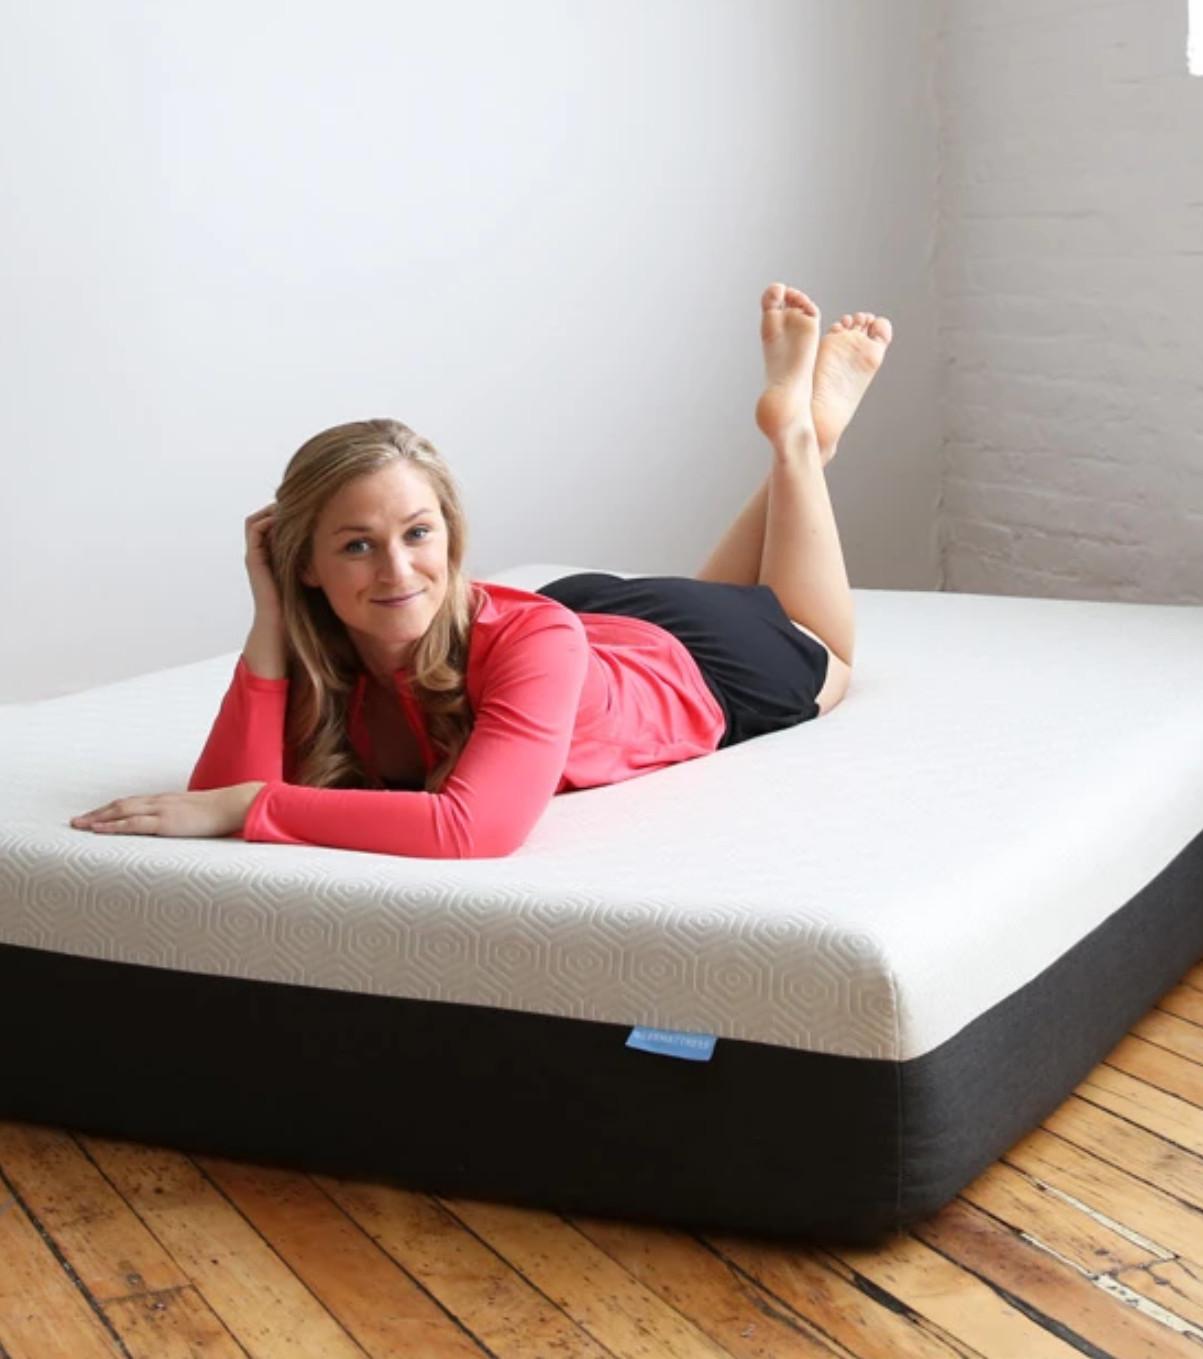 bear mattresses best value